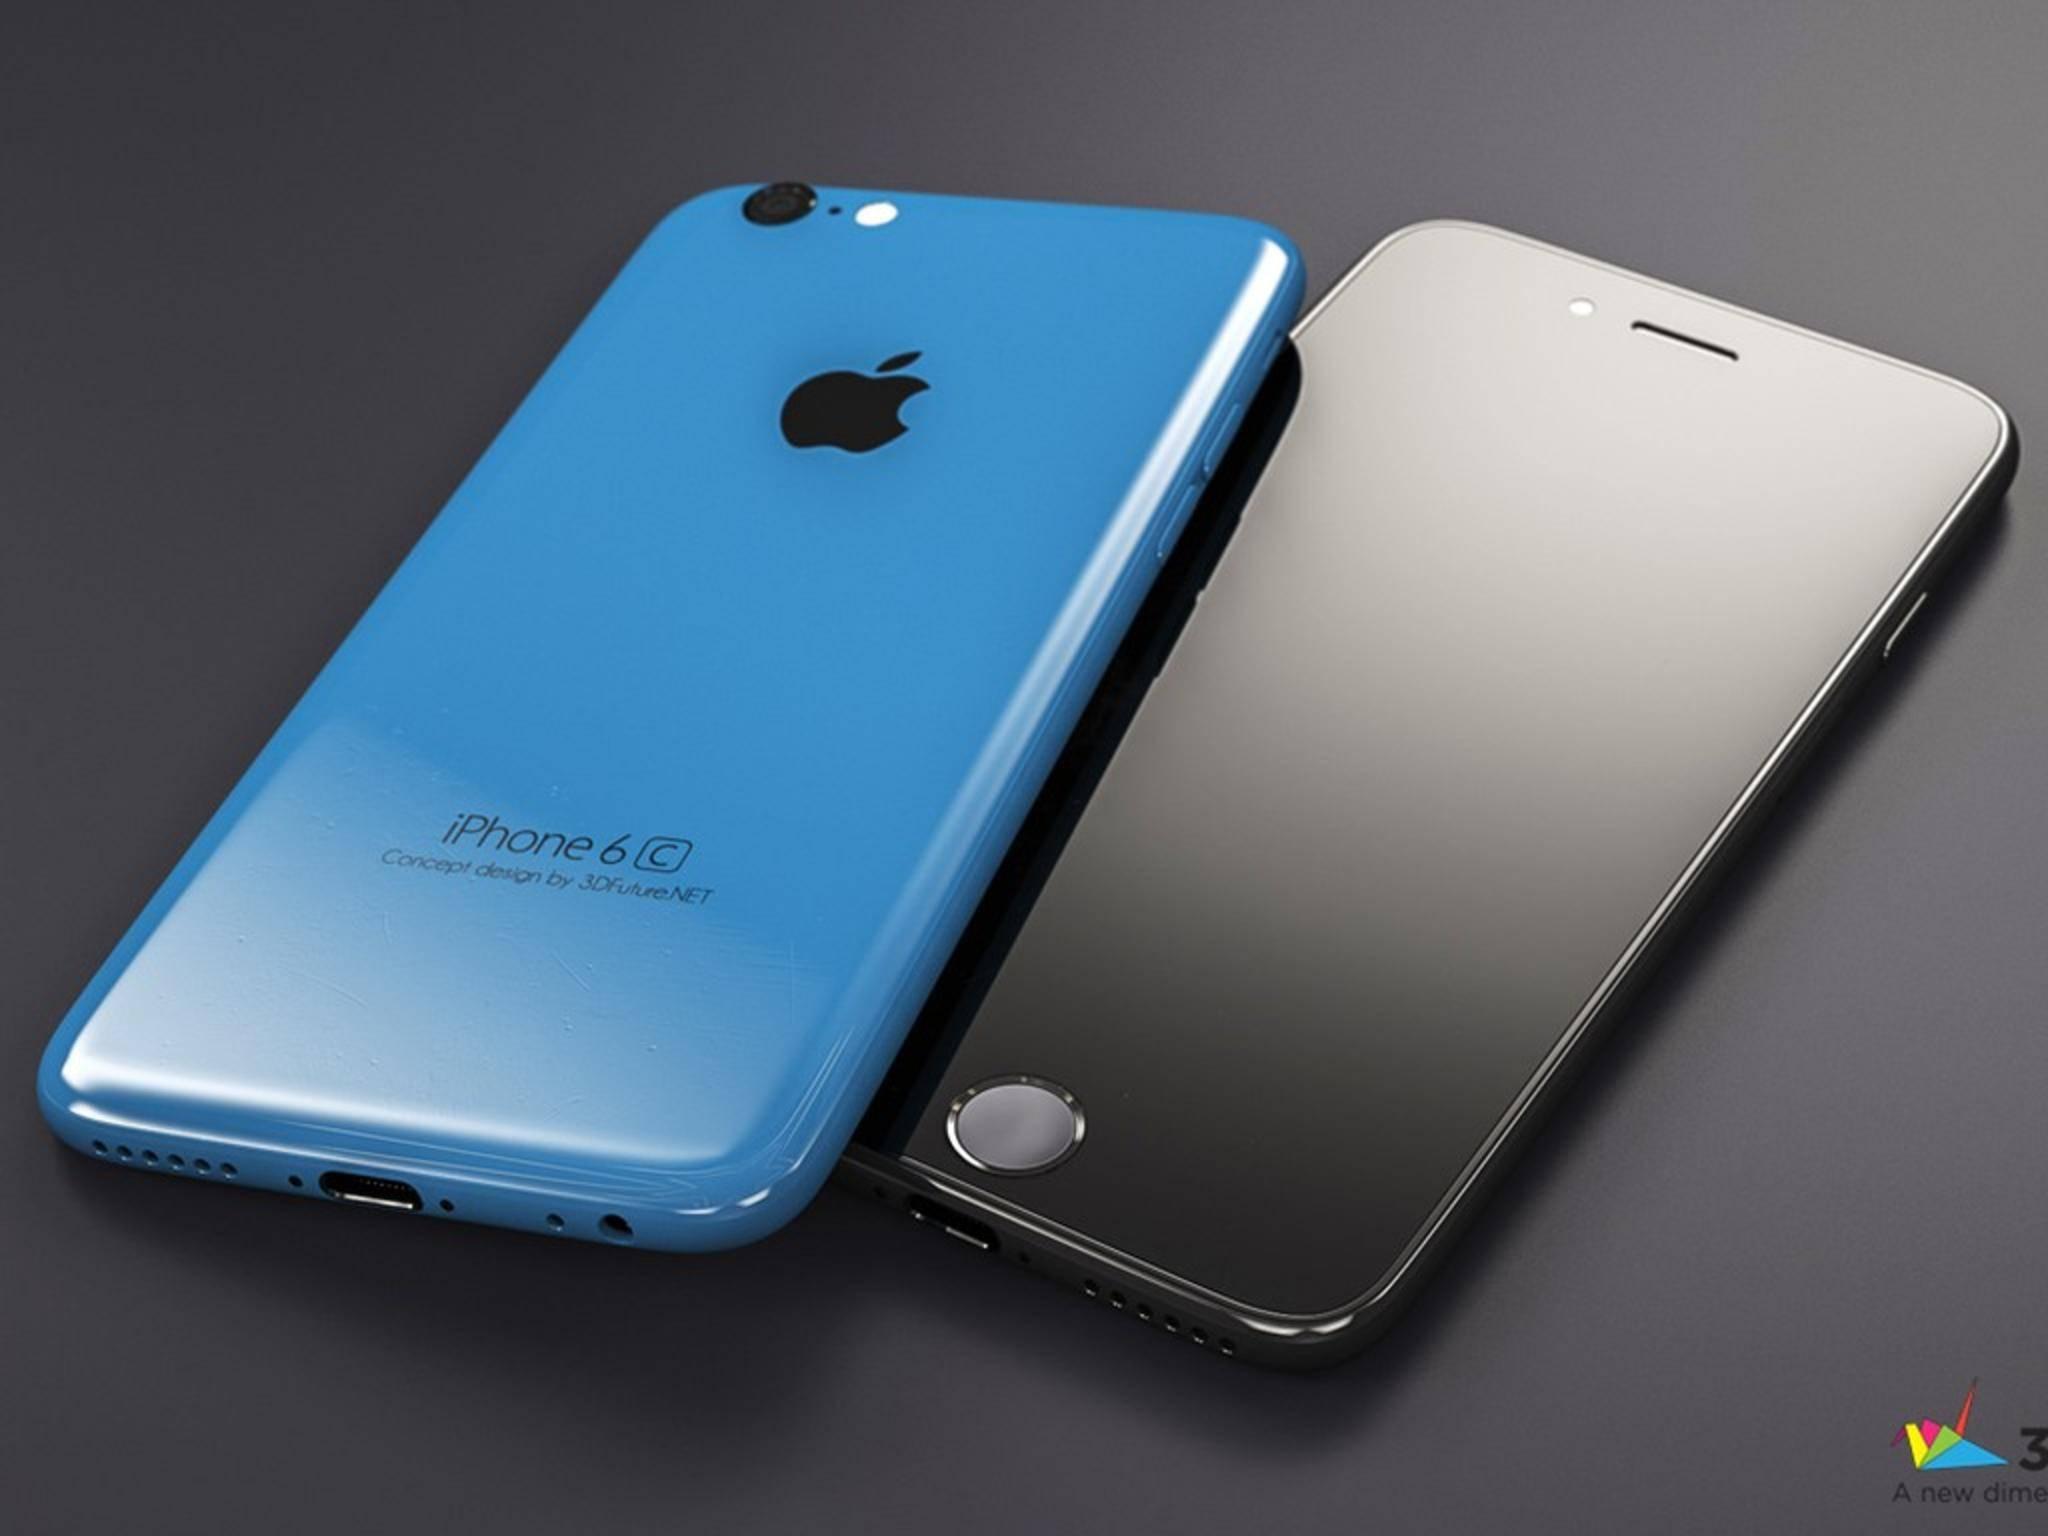 Das iPhone 7c soll eine Mischung aus iPhone 5c und iPhone 5s werden.